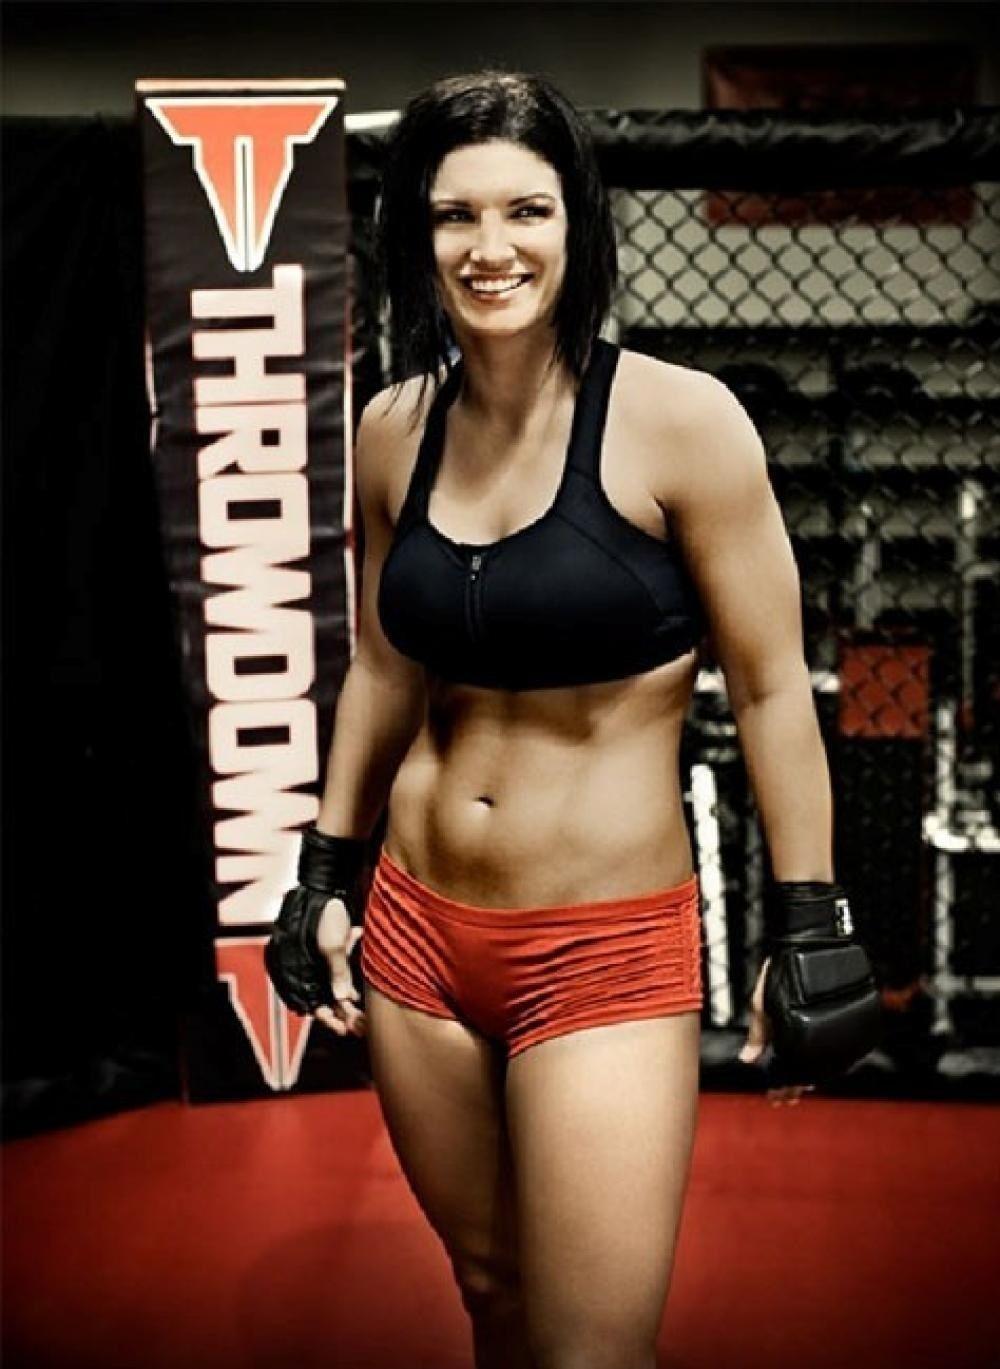 pics Gina Carano mixed martial arts